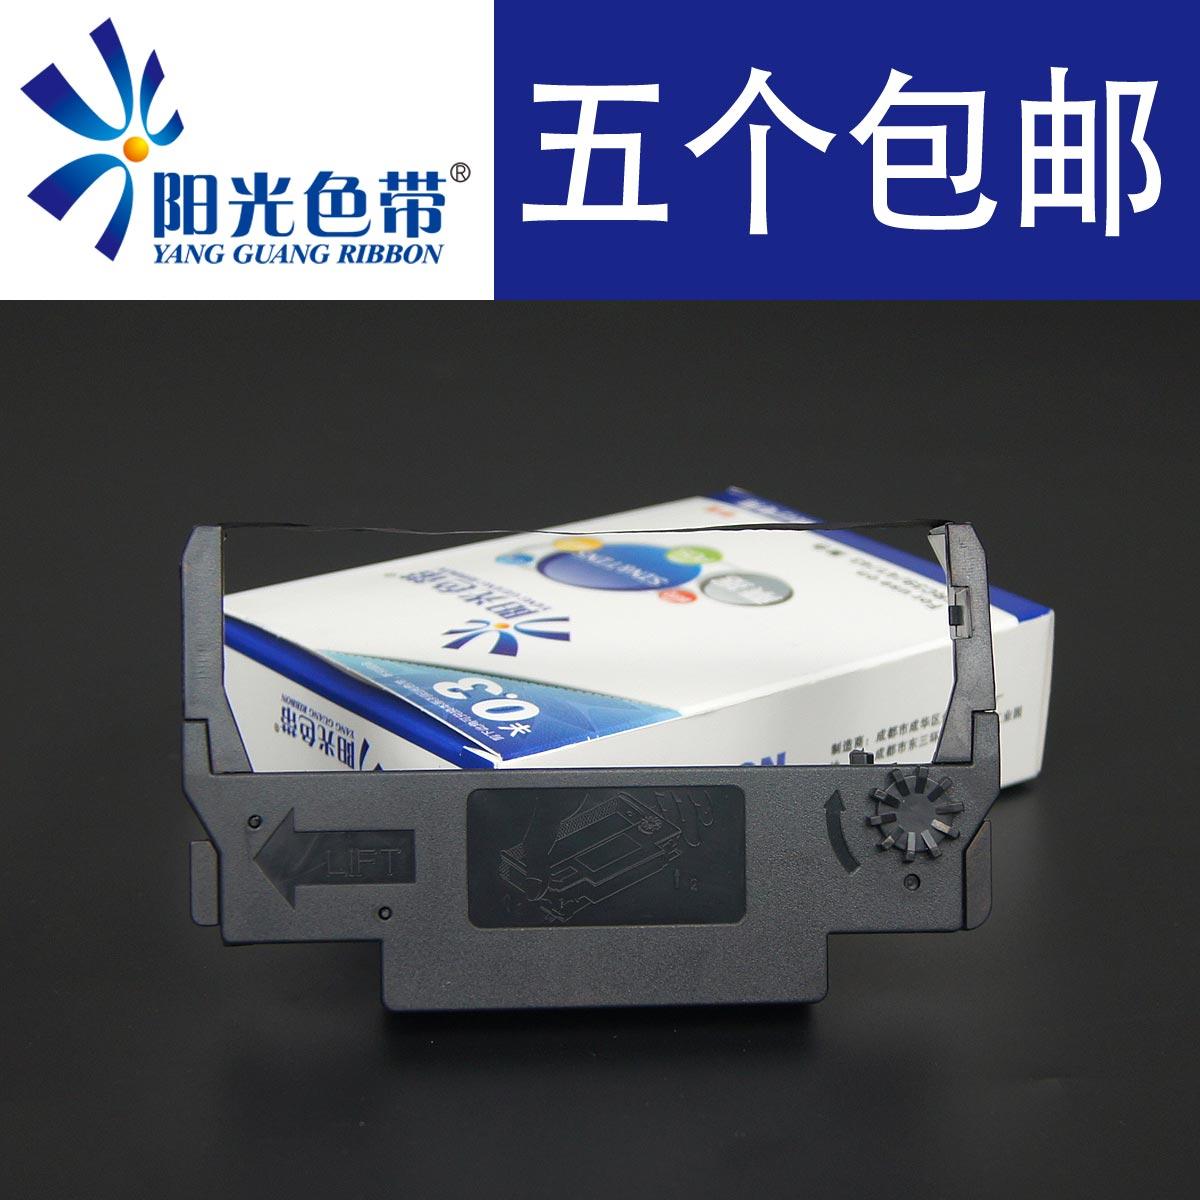 兼容 Hisense/海信PT180B色带架 税控收款机打印机墨盒框含芯